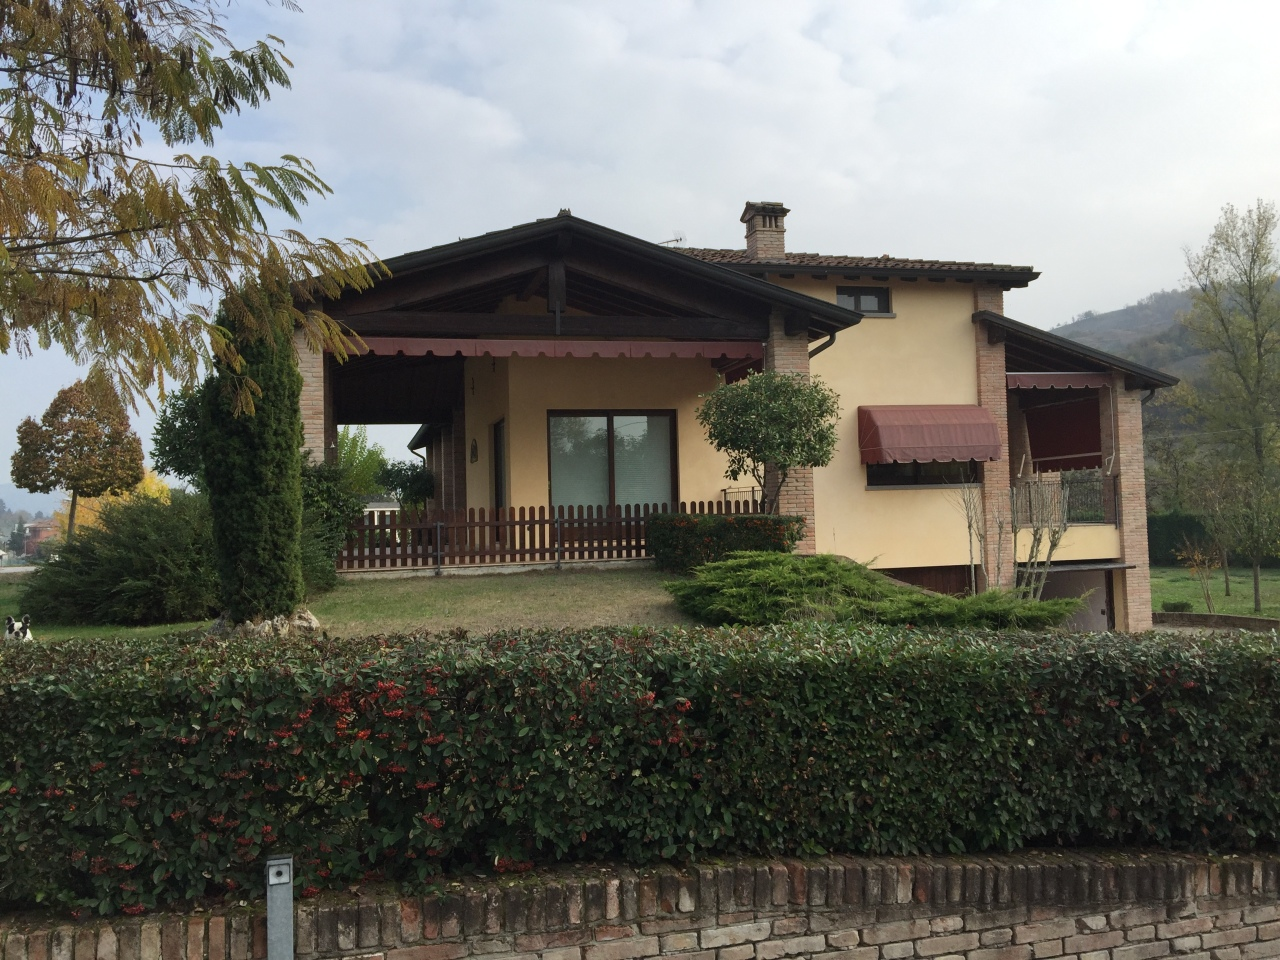 Soluzione Indipendente in vendita a Traversetolo, 10 locali, prezzo € 850.000 | Cambio Casa.it